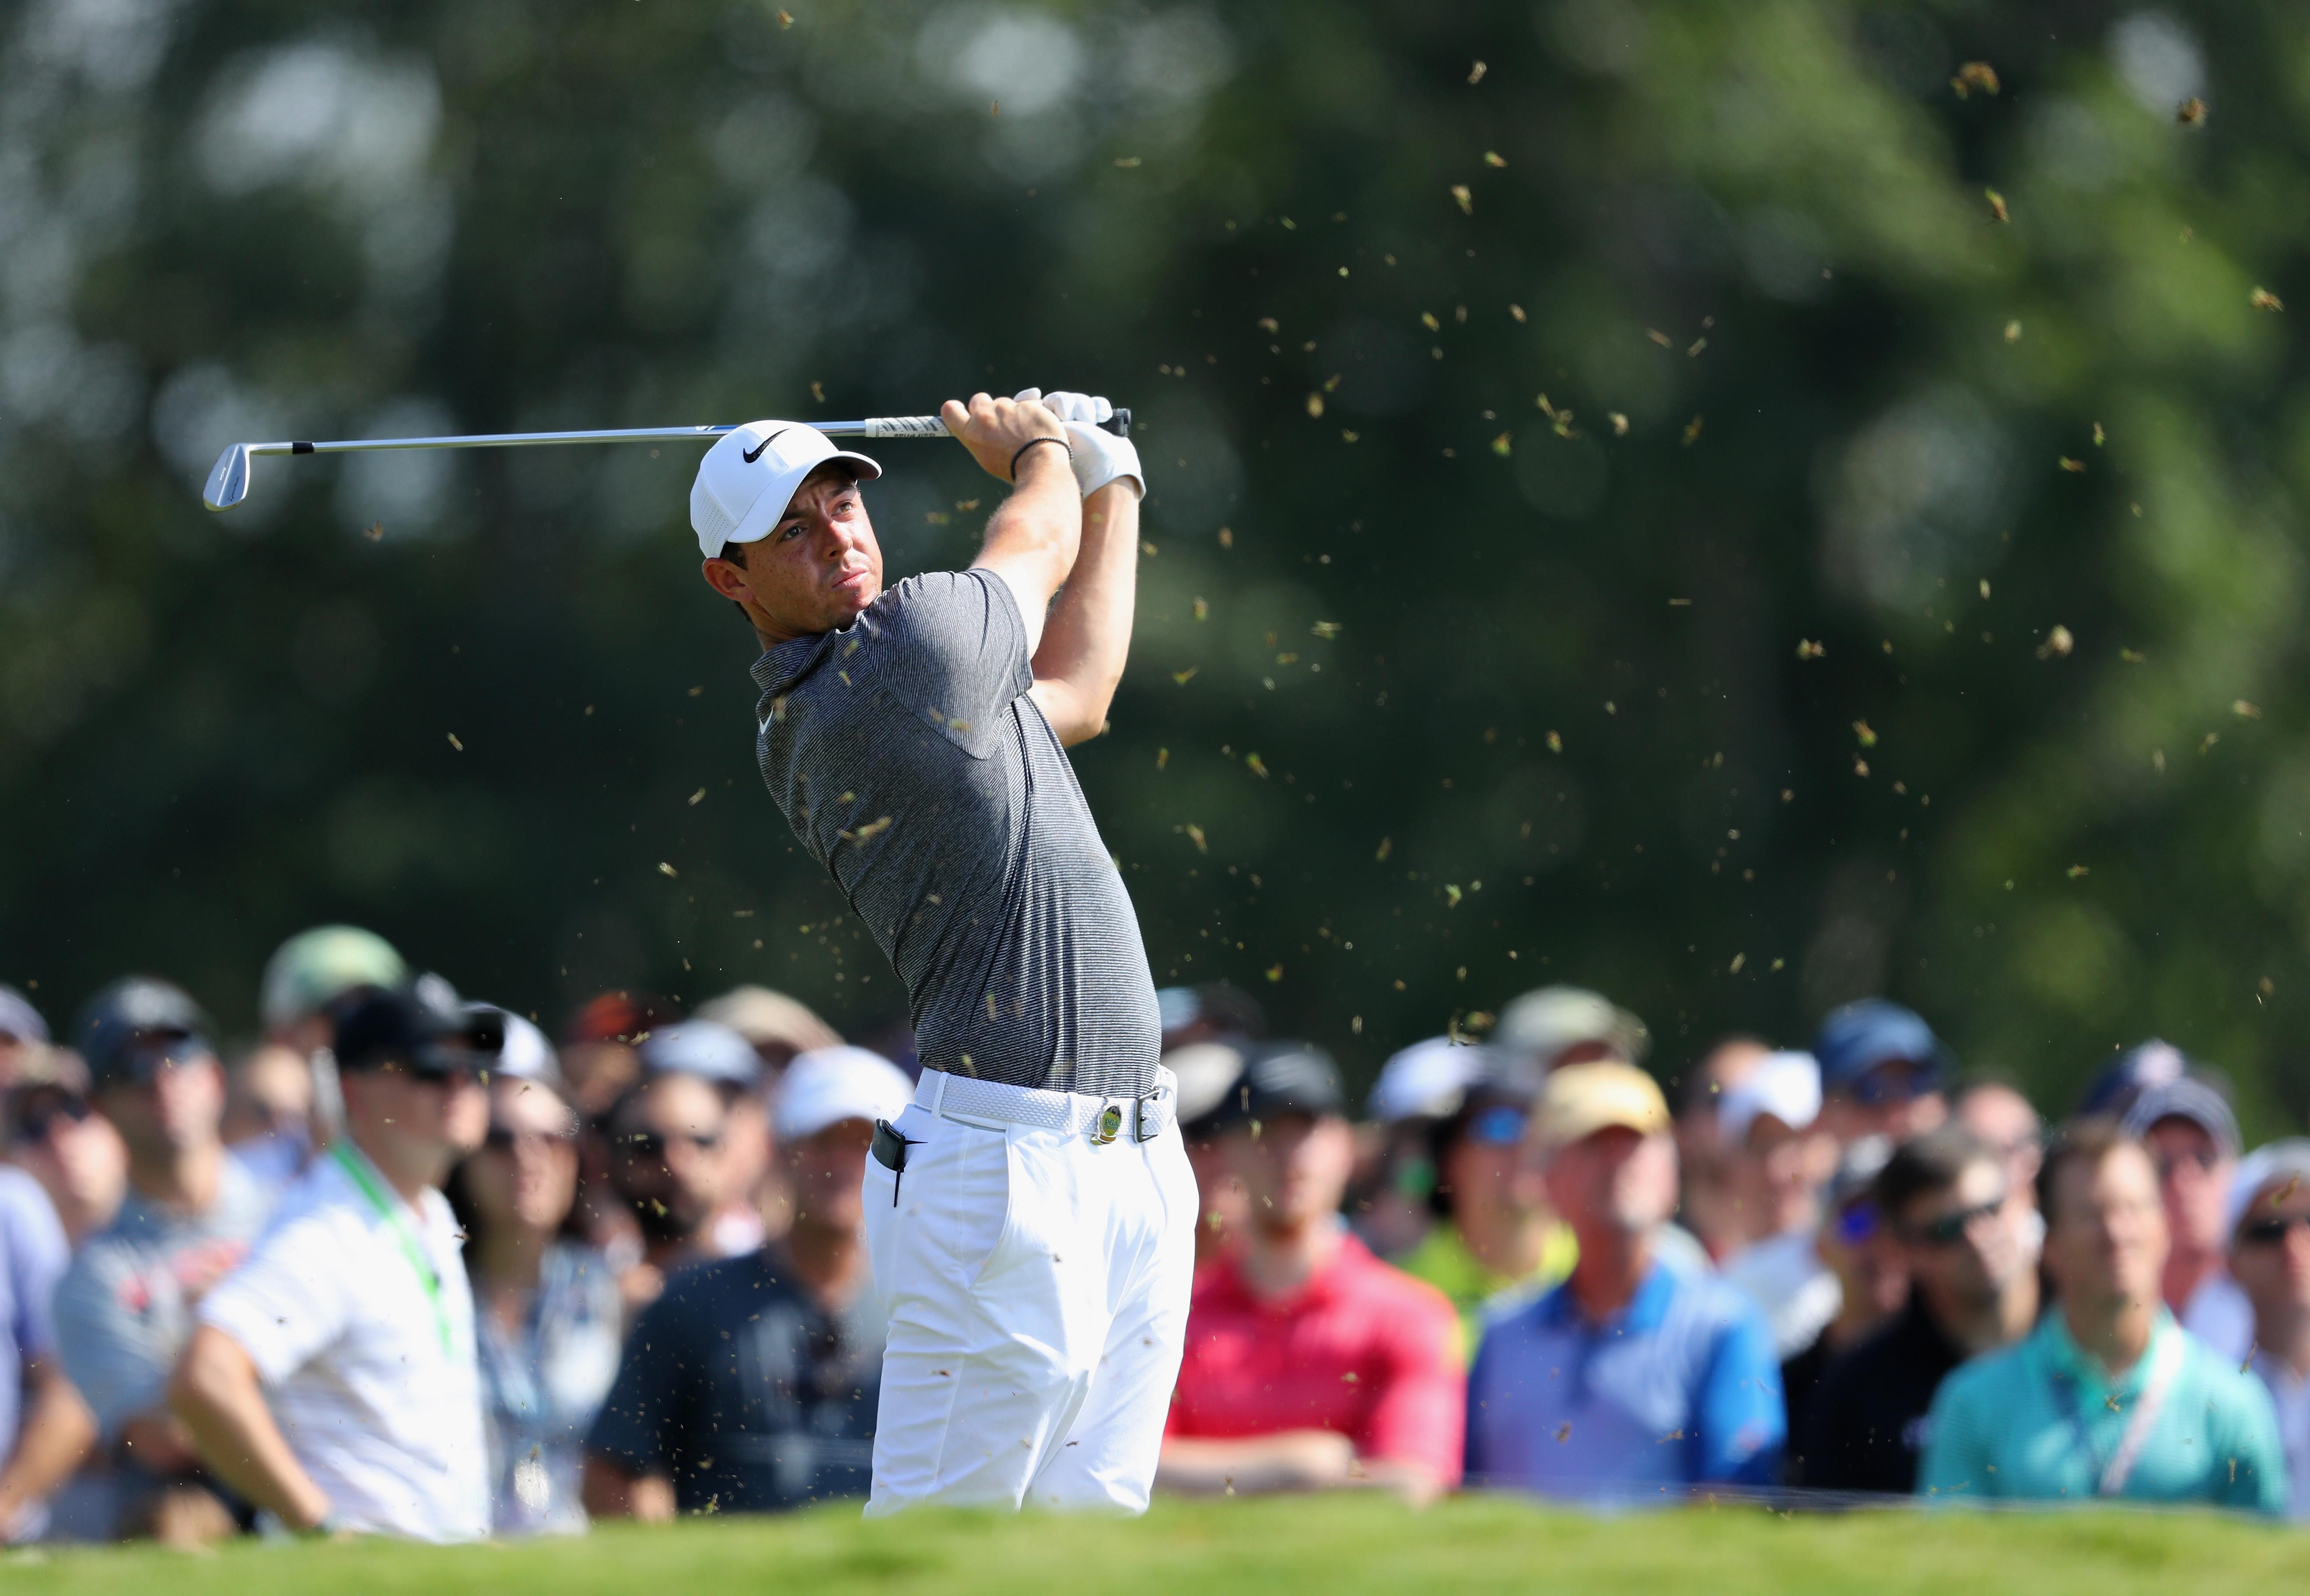 Matsuyama, Day make moves before play suspended at US PGA